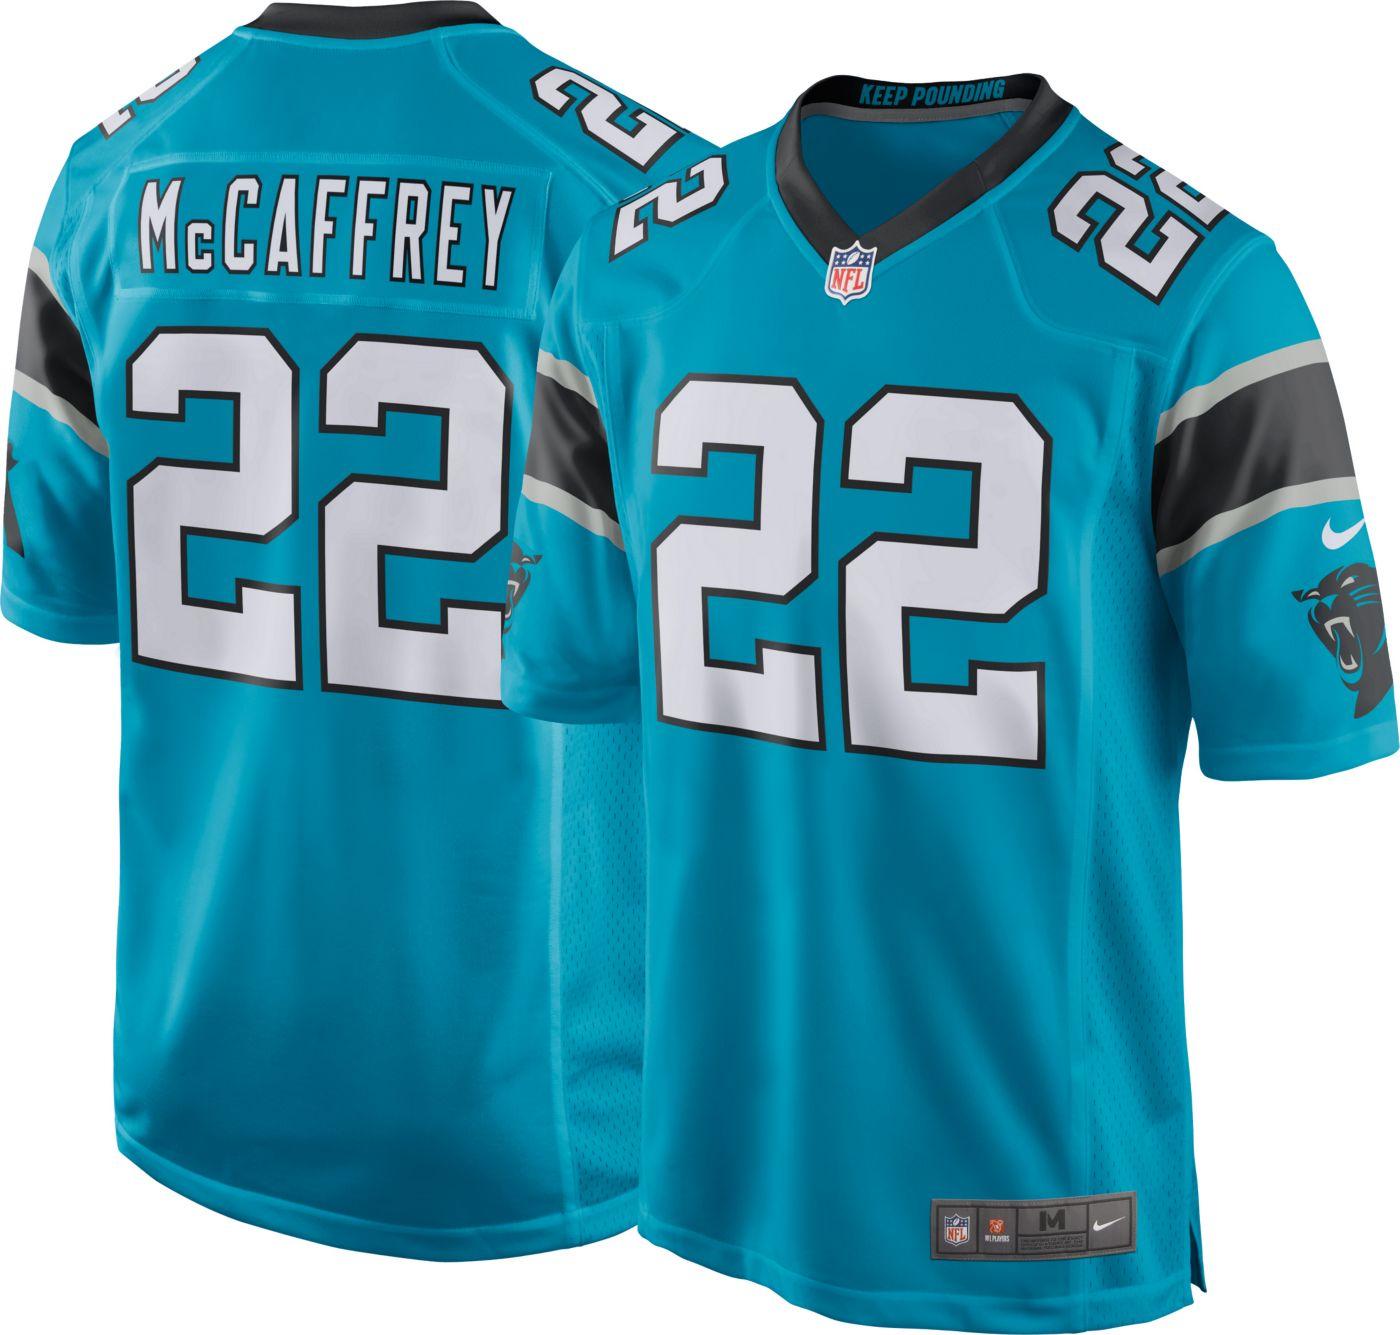 Nike Men's Alternate Game Jersey Carolina Panthers Christian McCaffrey #22